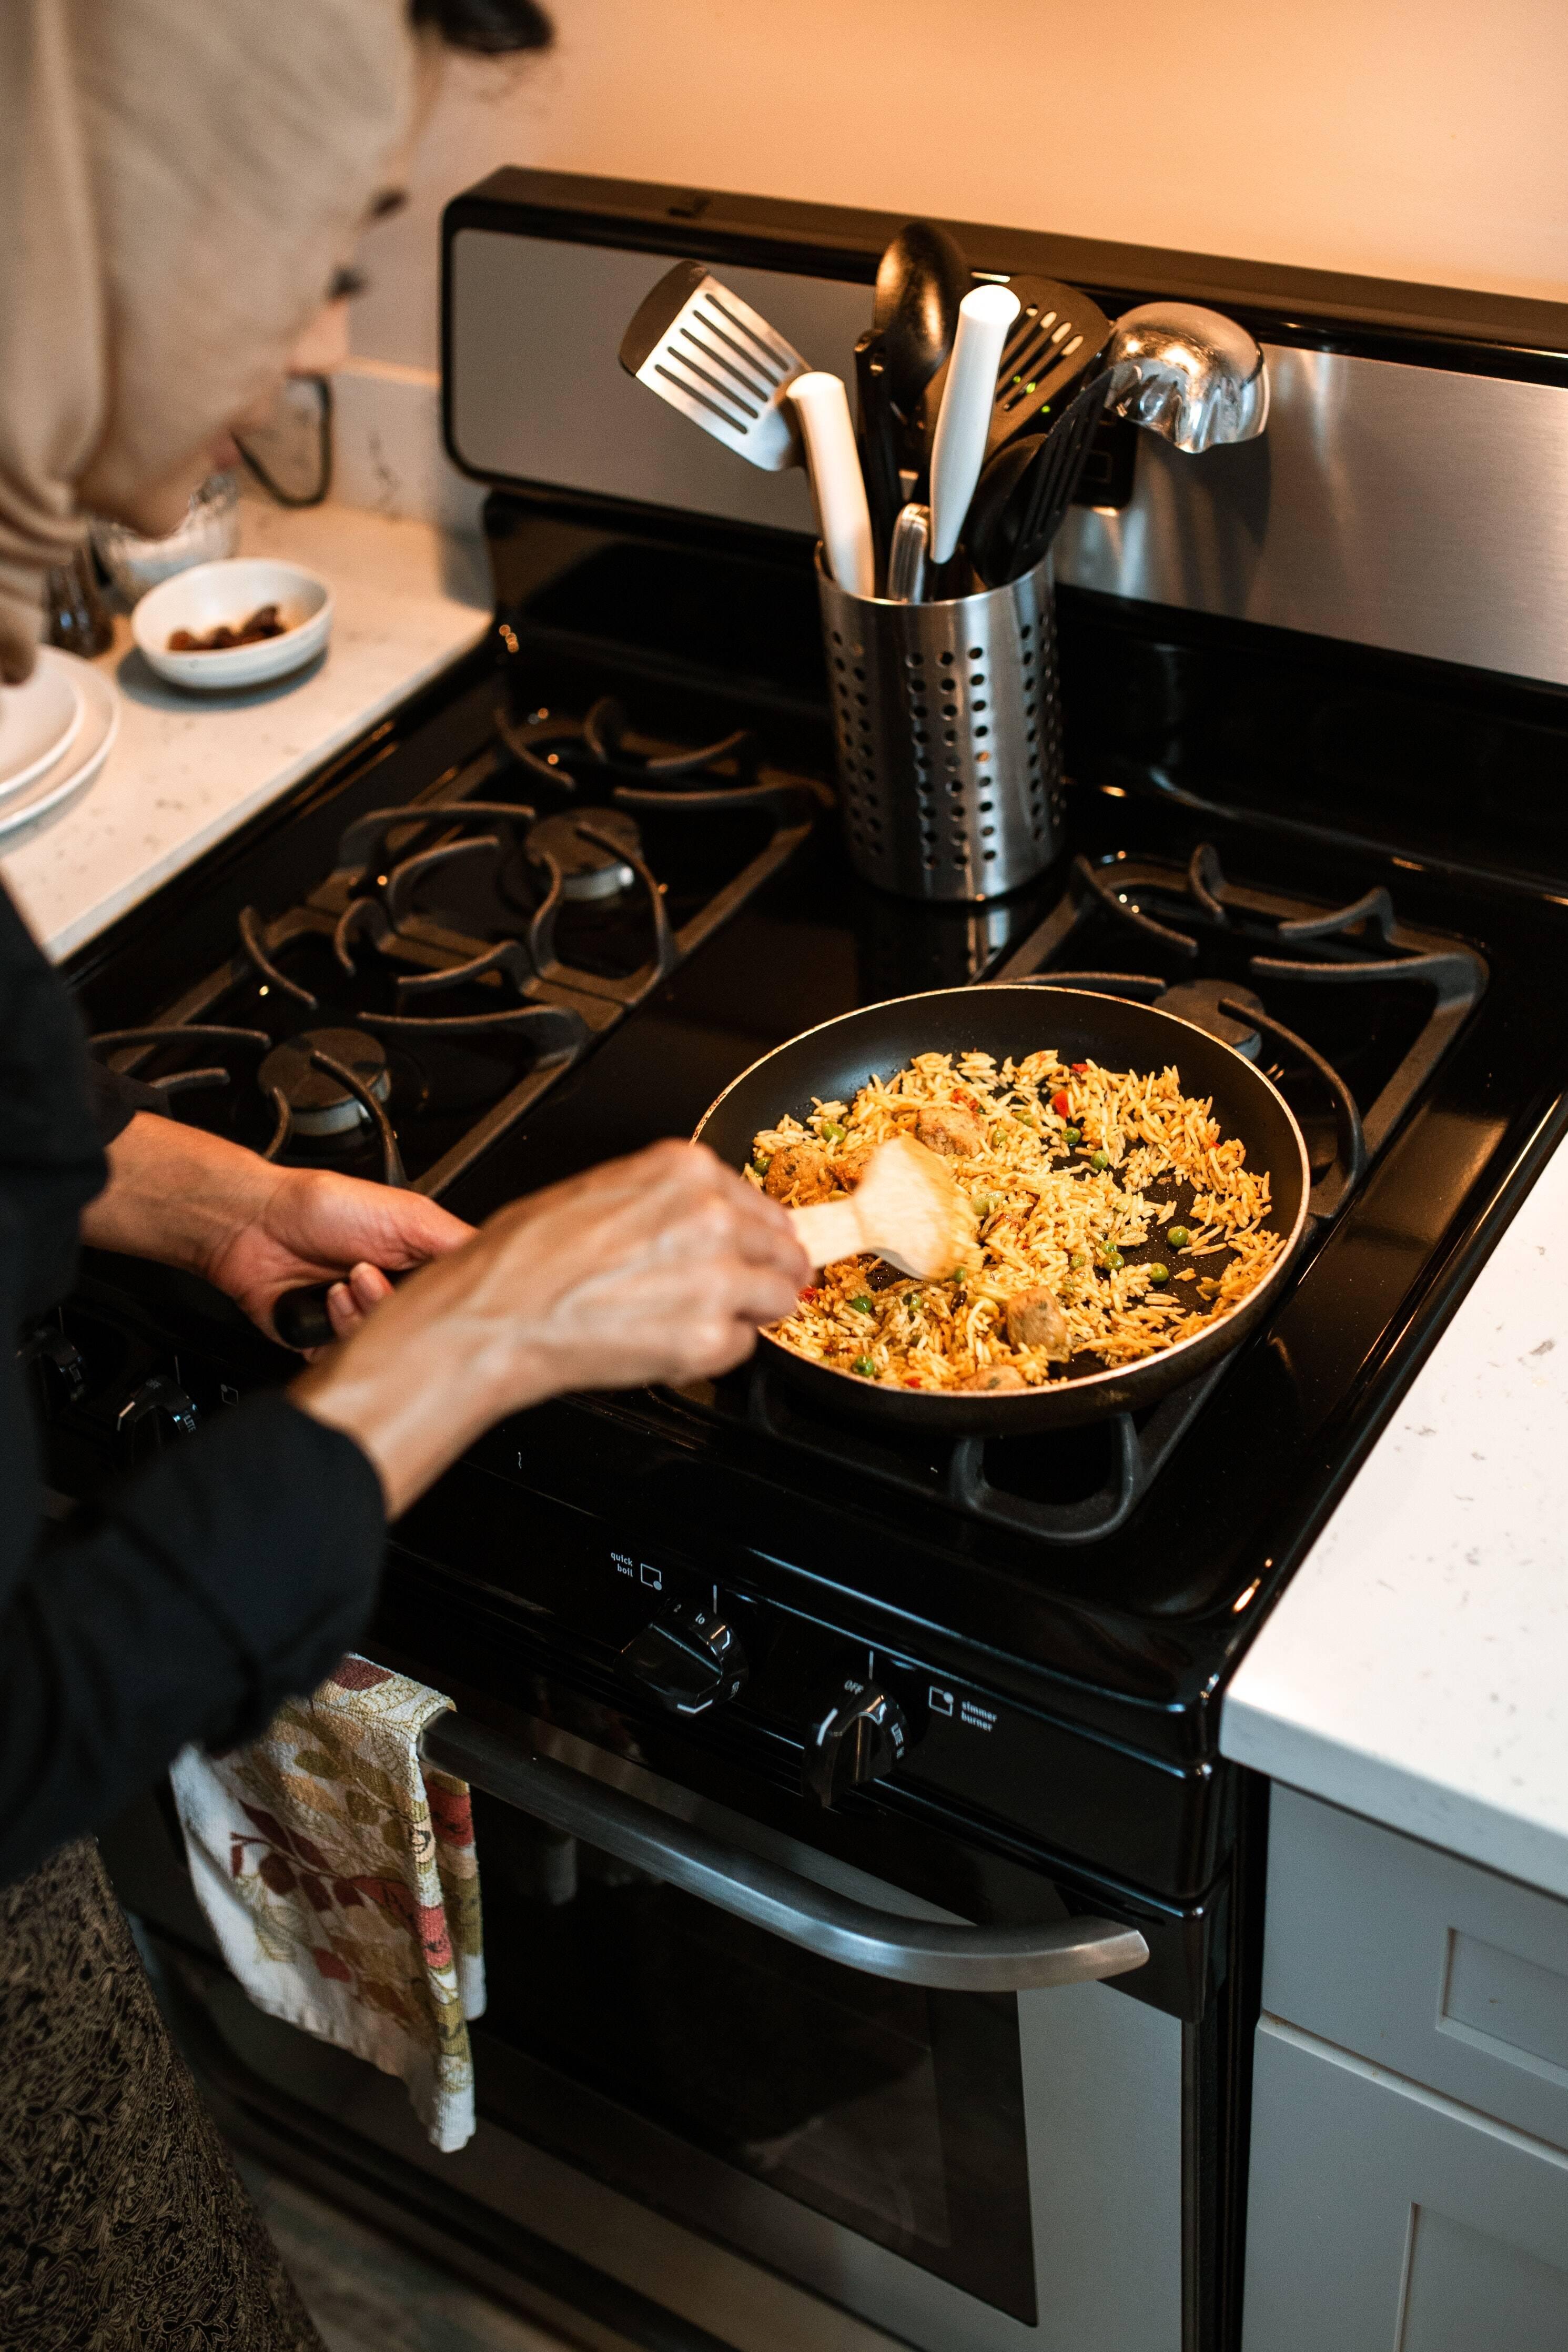 A primeira coisa é descascar a cebola e picar finamente com a faca. Em seguida, em uma panela (melhor se estiver baixa) adicione um pouco de azeite e sal e leve ao fogo médio. Quando o azeite estiver quente, acrescente a cebola e mexa de vez em quando. Cozinhe por cerca de 5 minutos, até ficarem macios e ligeiramente translúcidos, enquanto prepara os cogumelos. (Foto: Pexels)